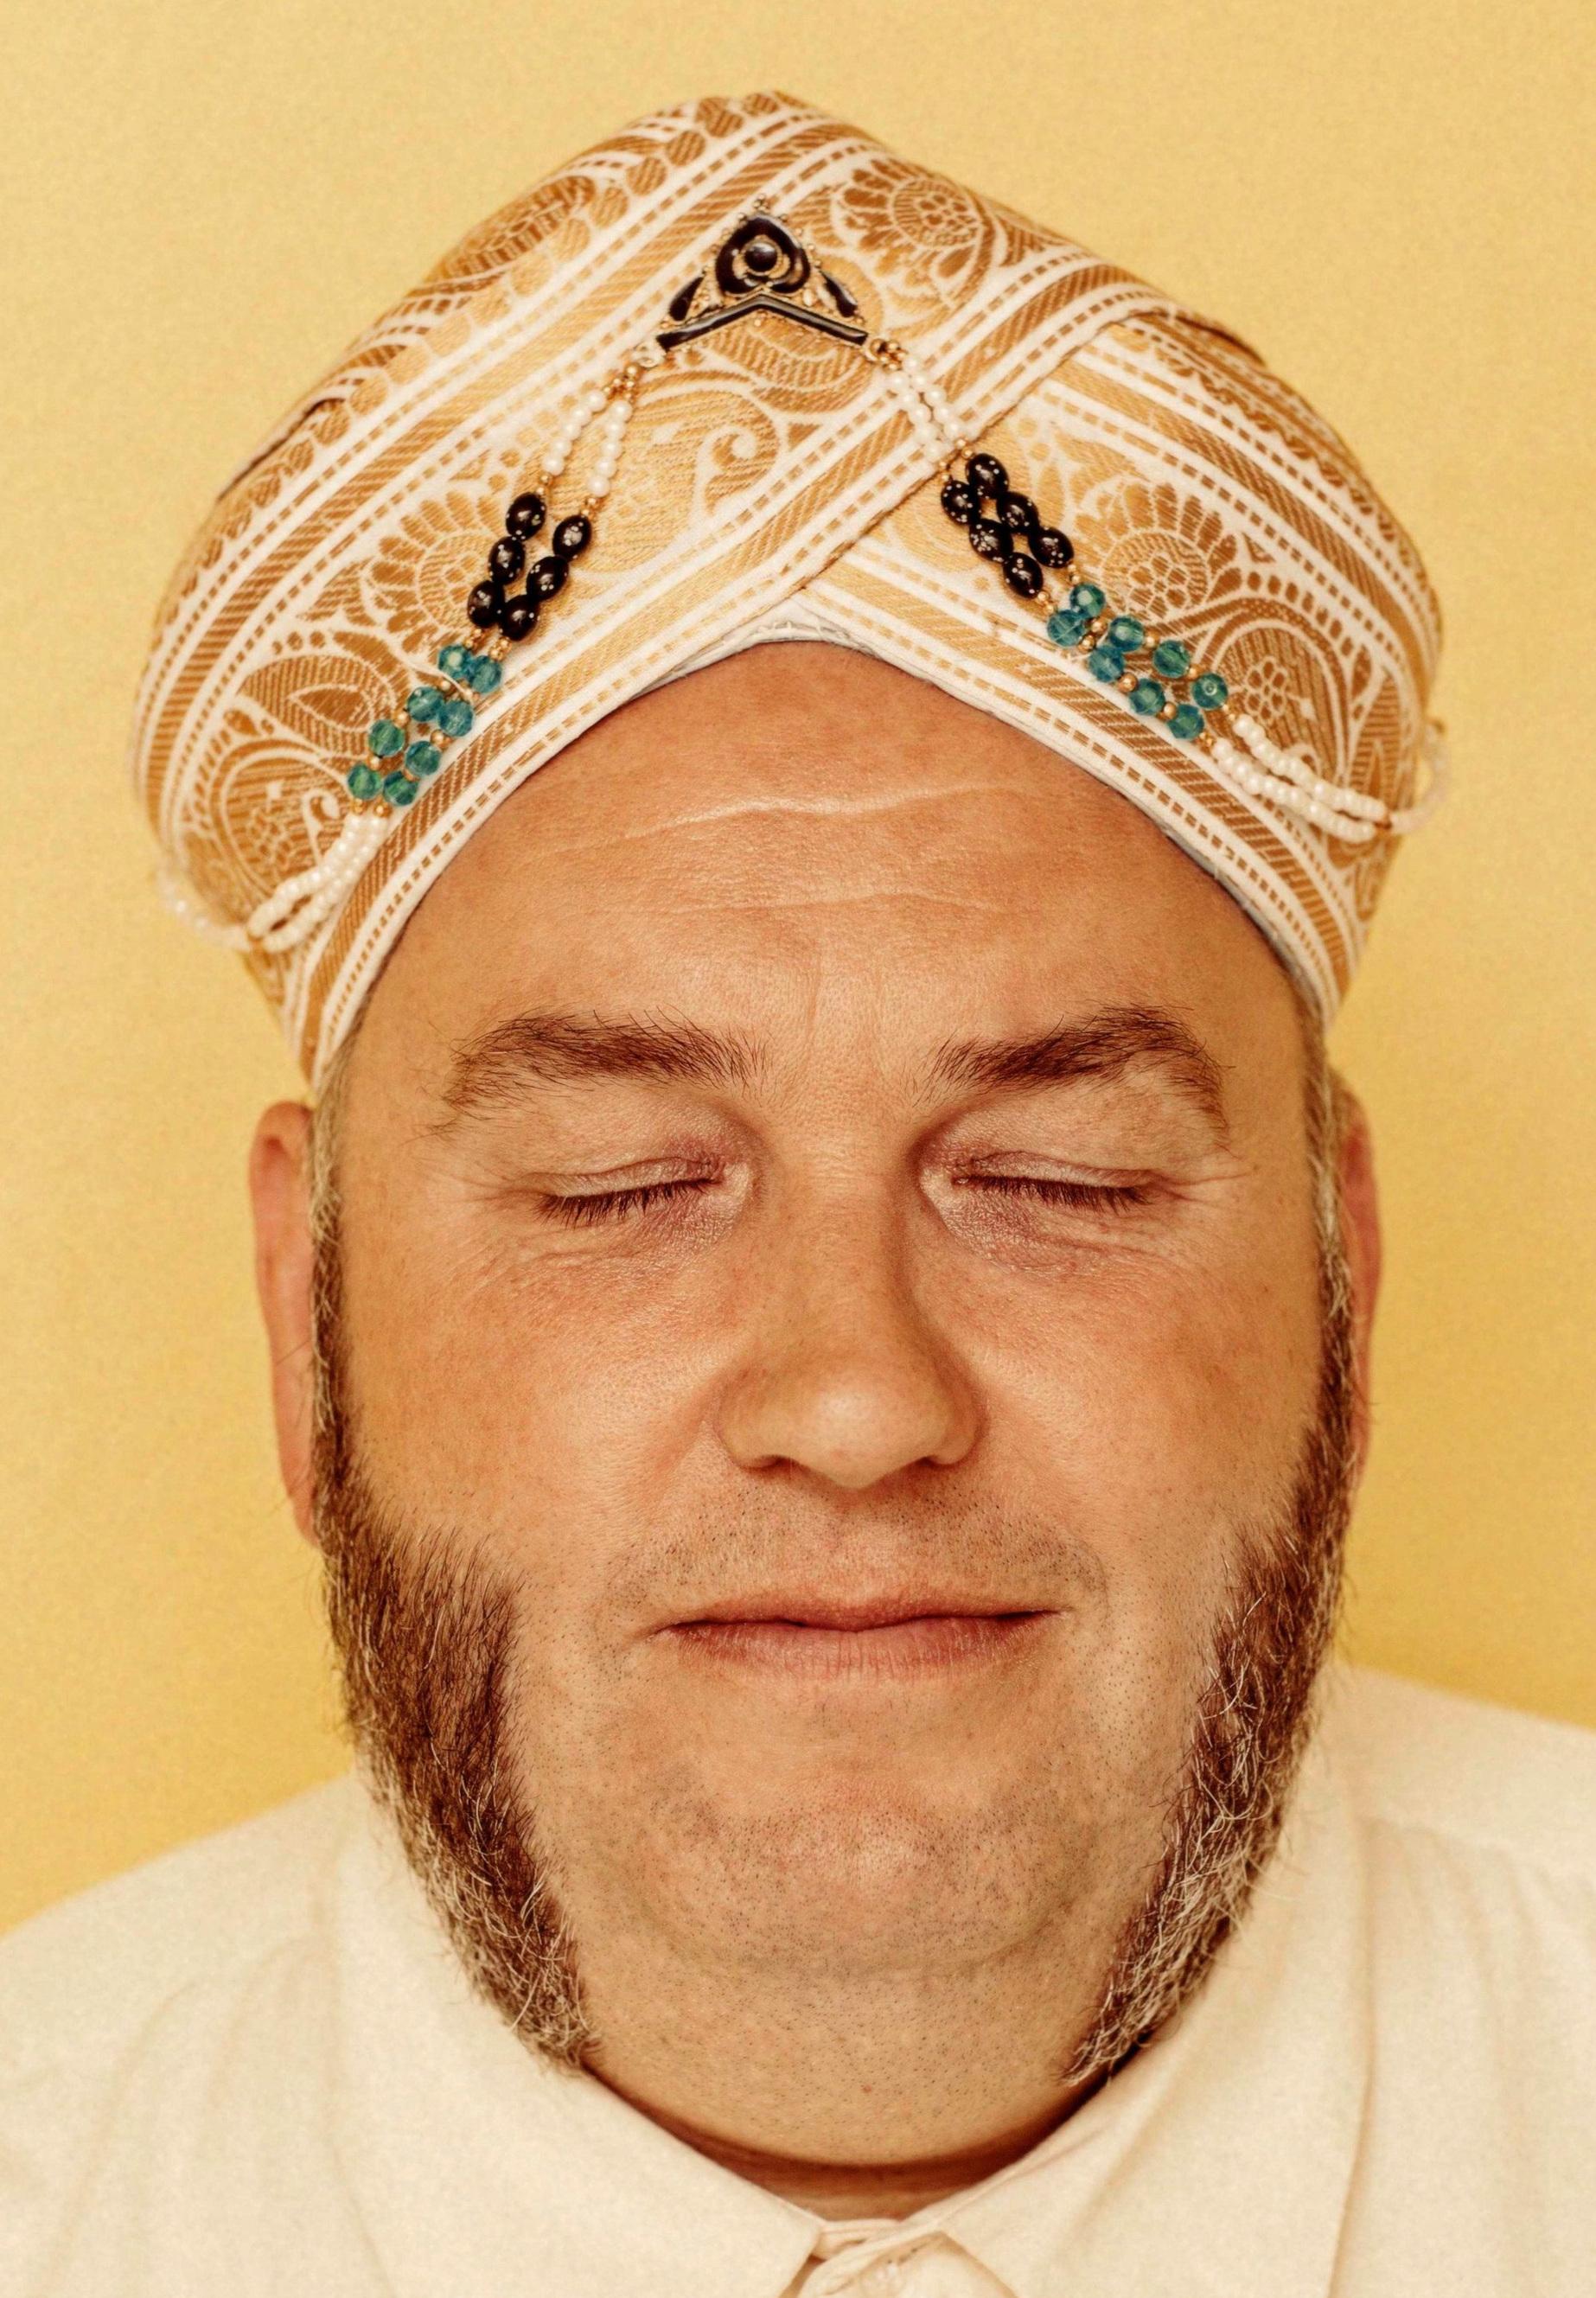 Fatman_turban_1%2C4MB_beskaaret.jpg